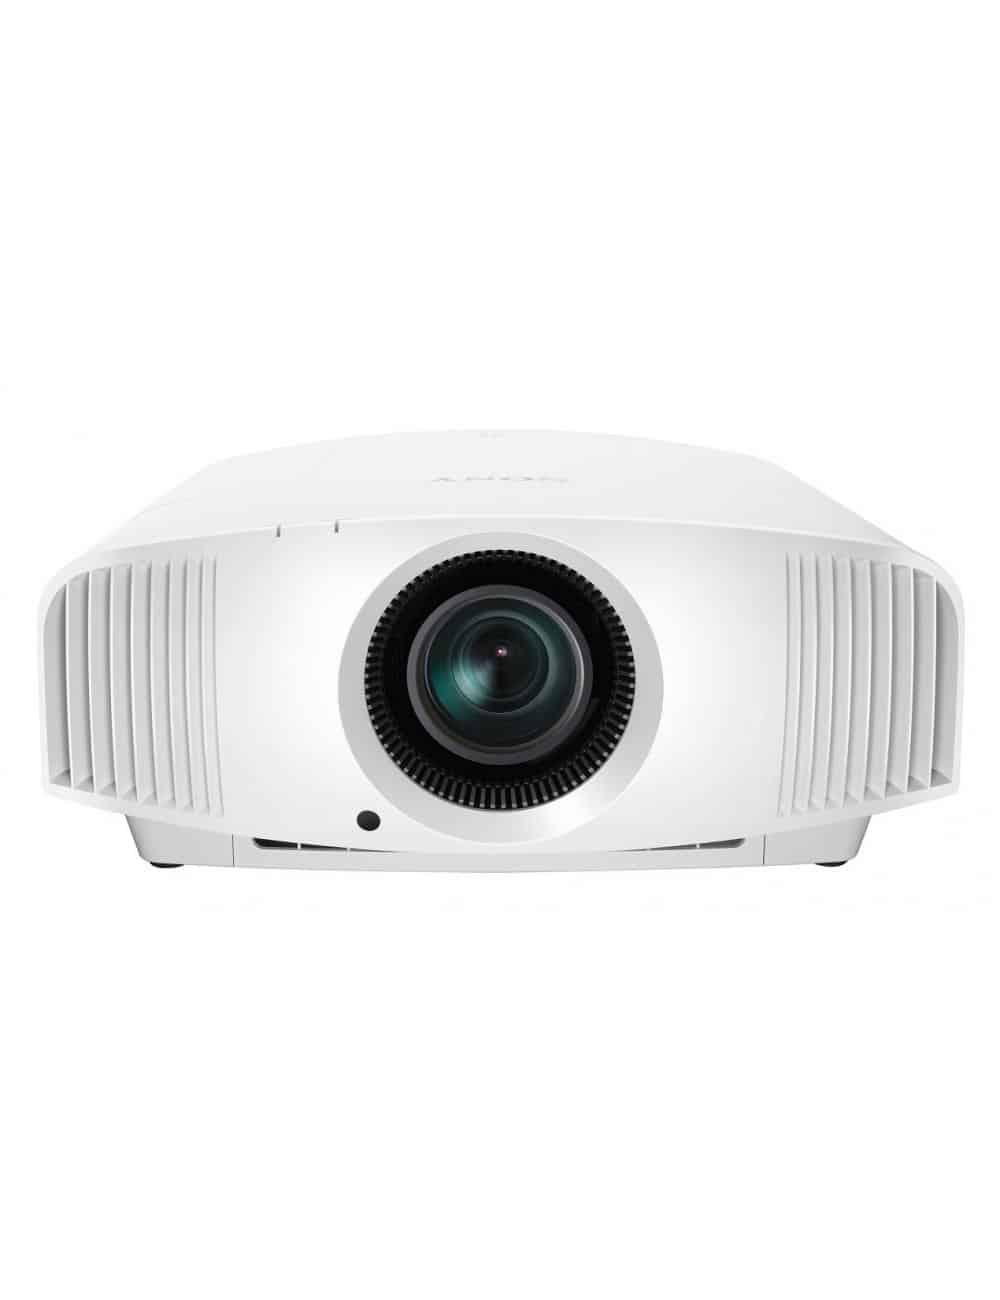 Proiettore 4K HDR per Home Cinema, Sony VPL-VW270ES, finitura white